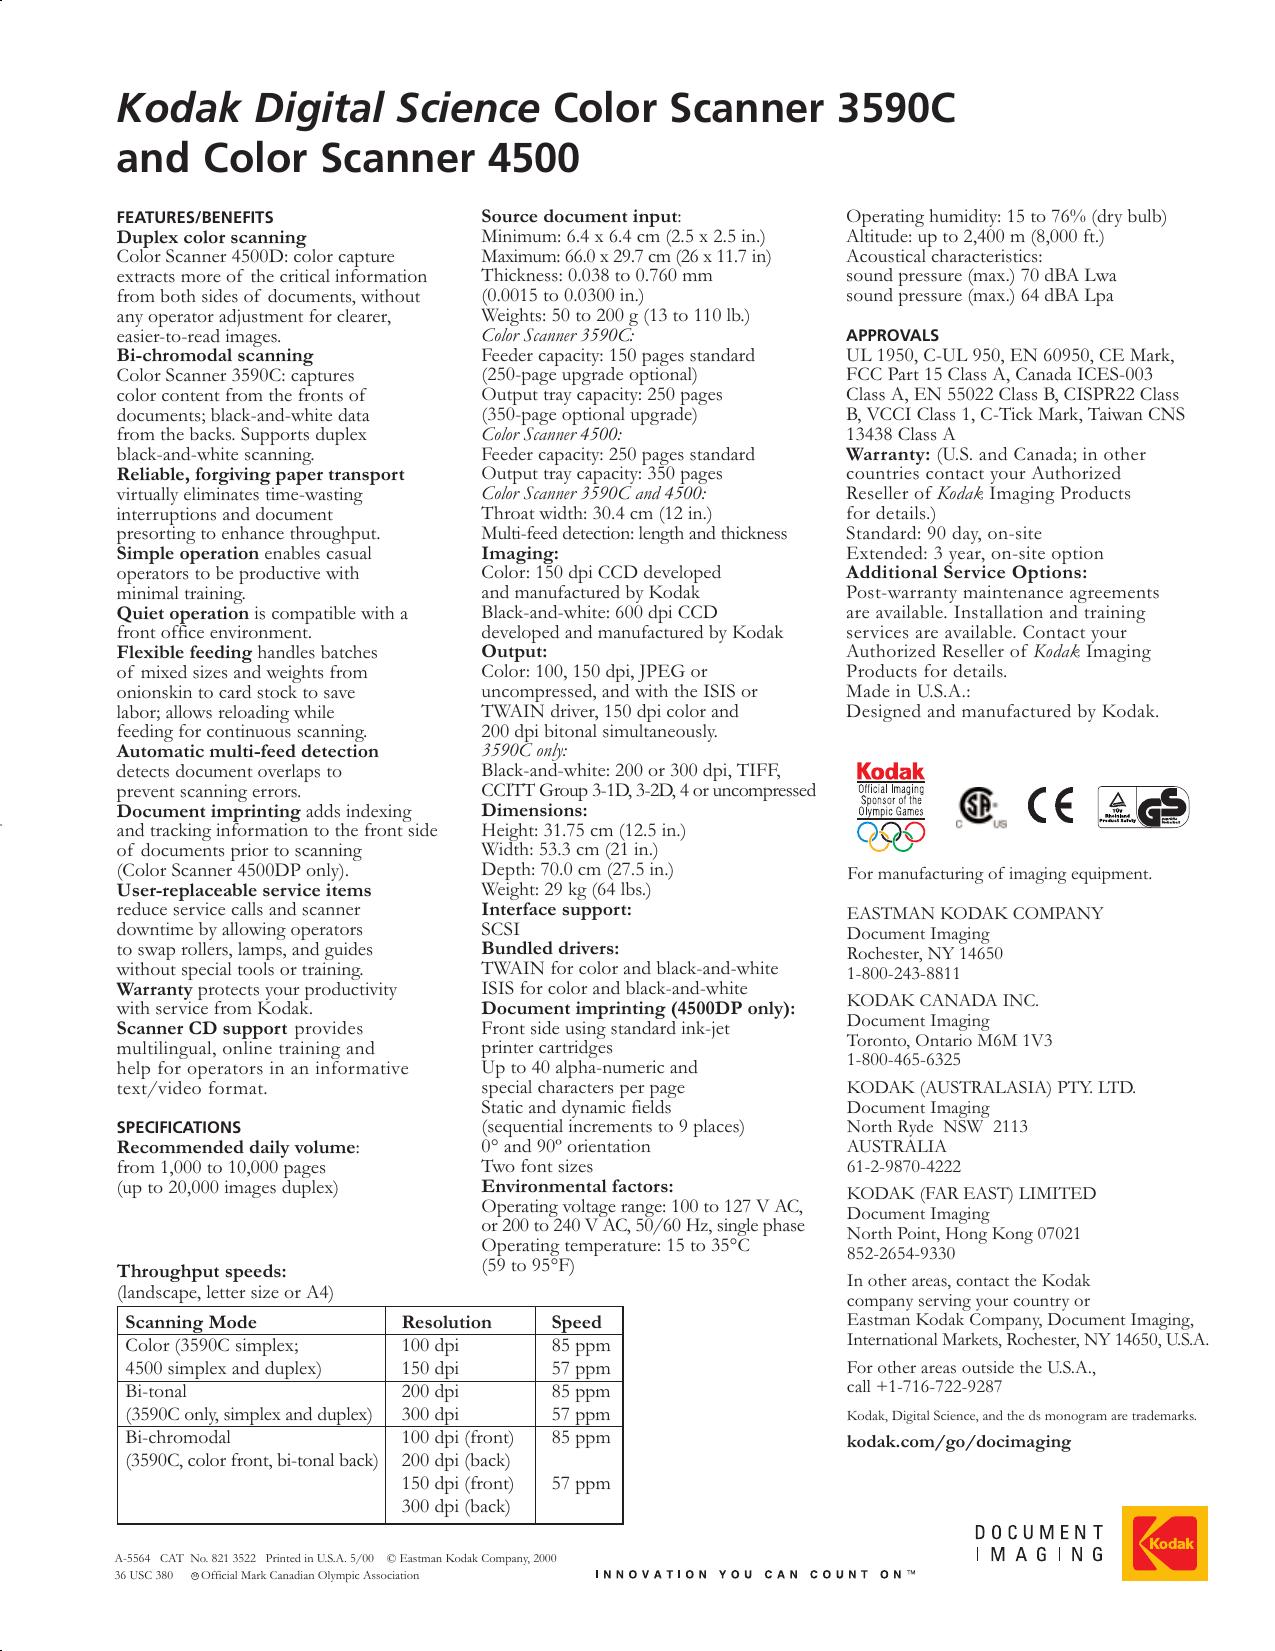 Kodak 3590C Users Manual C0200 3590C/4500CSS